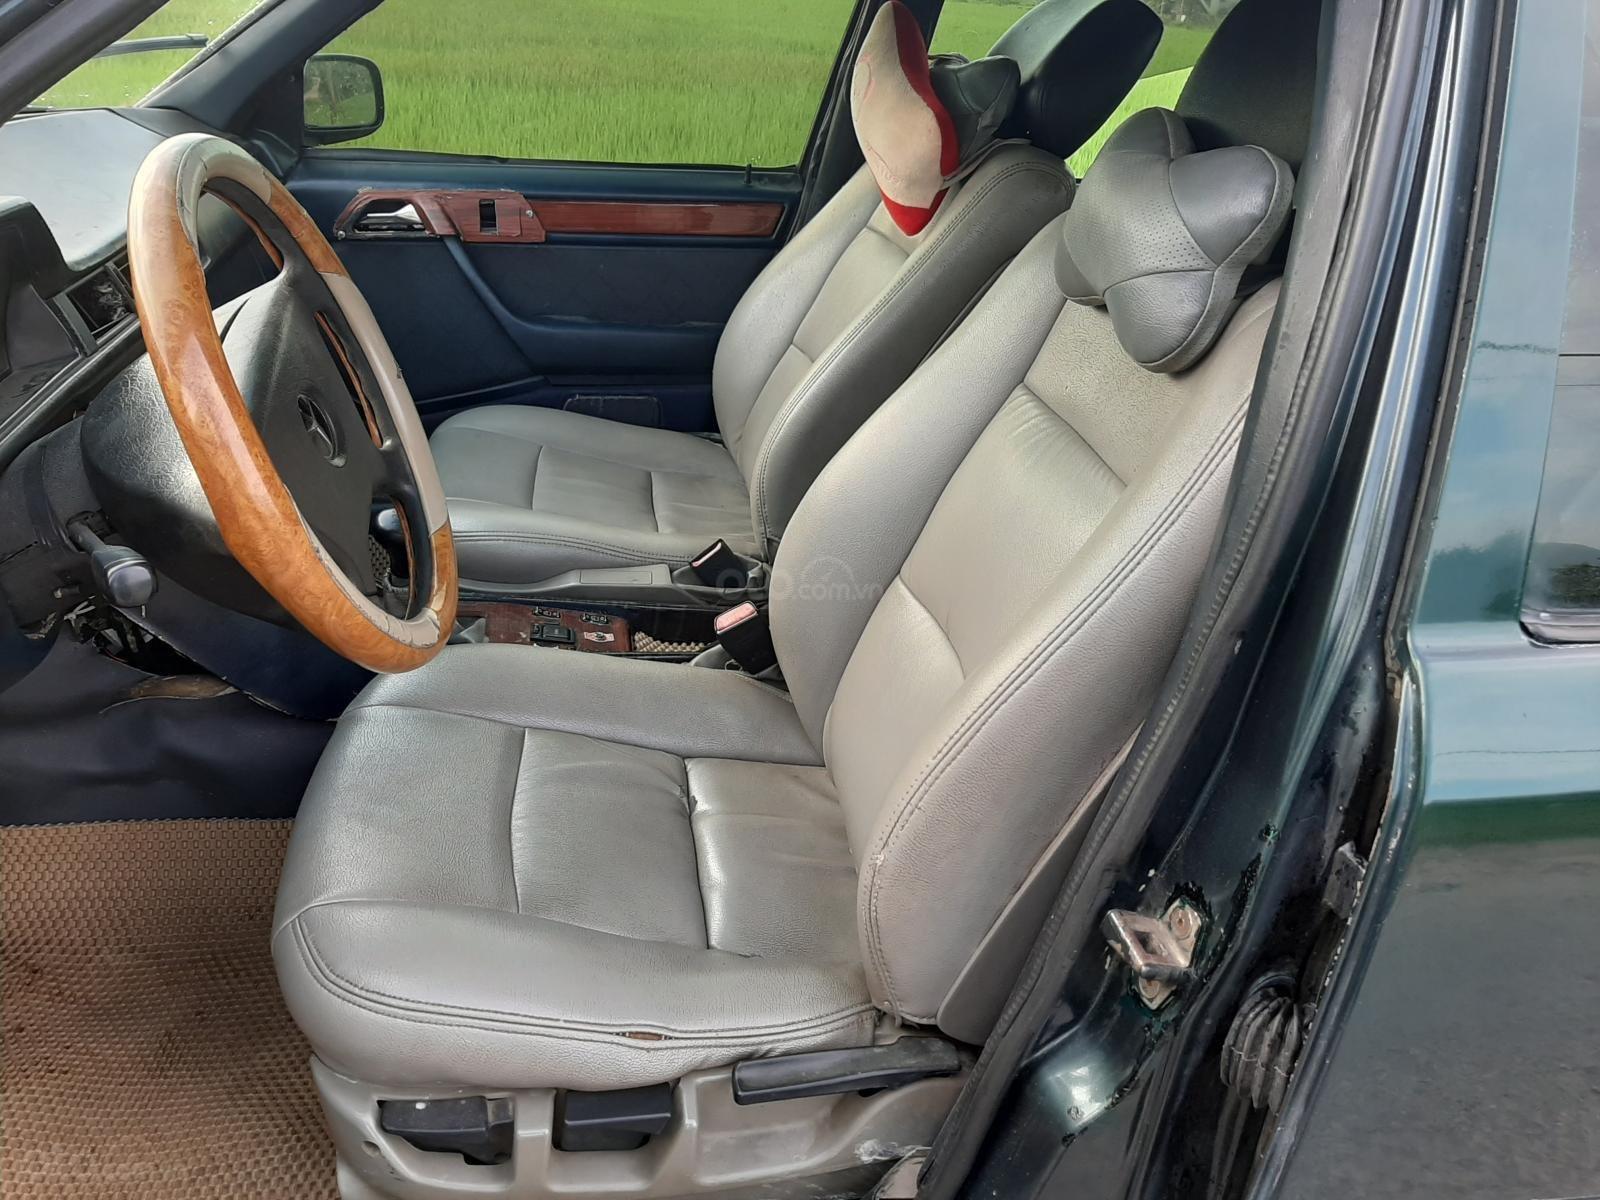 Cần bán xe Mercedes E240 năm 1984, màu xanh lam, xe nhập, giá chỉ 35 triệu (2)